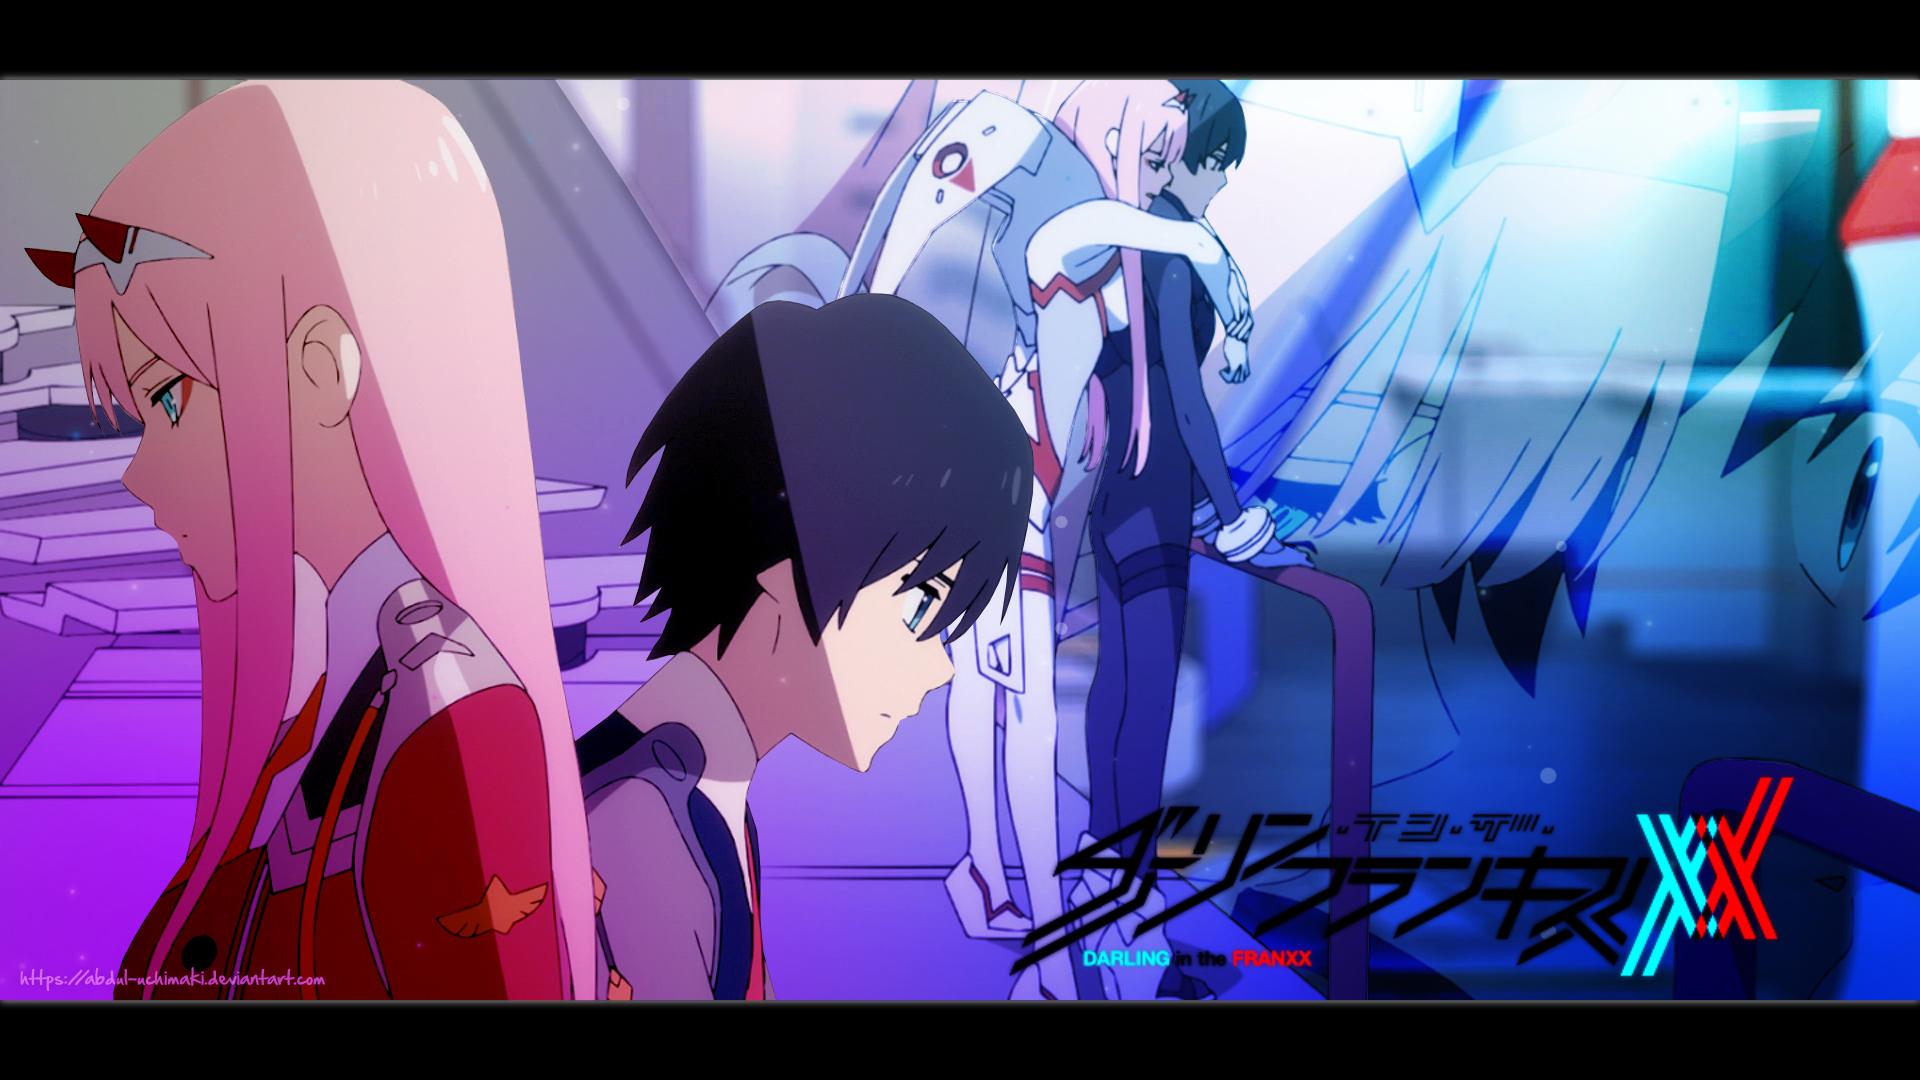 Darling In The Franxx Wallpaper 2293157 Zerochan Anime Image Board